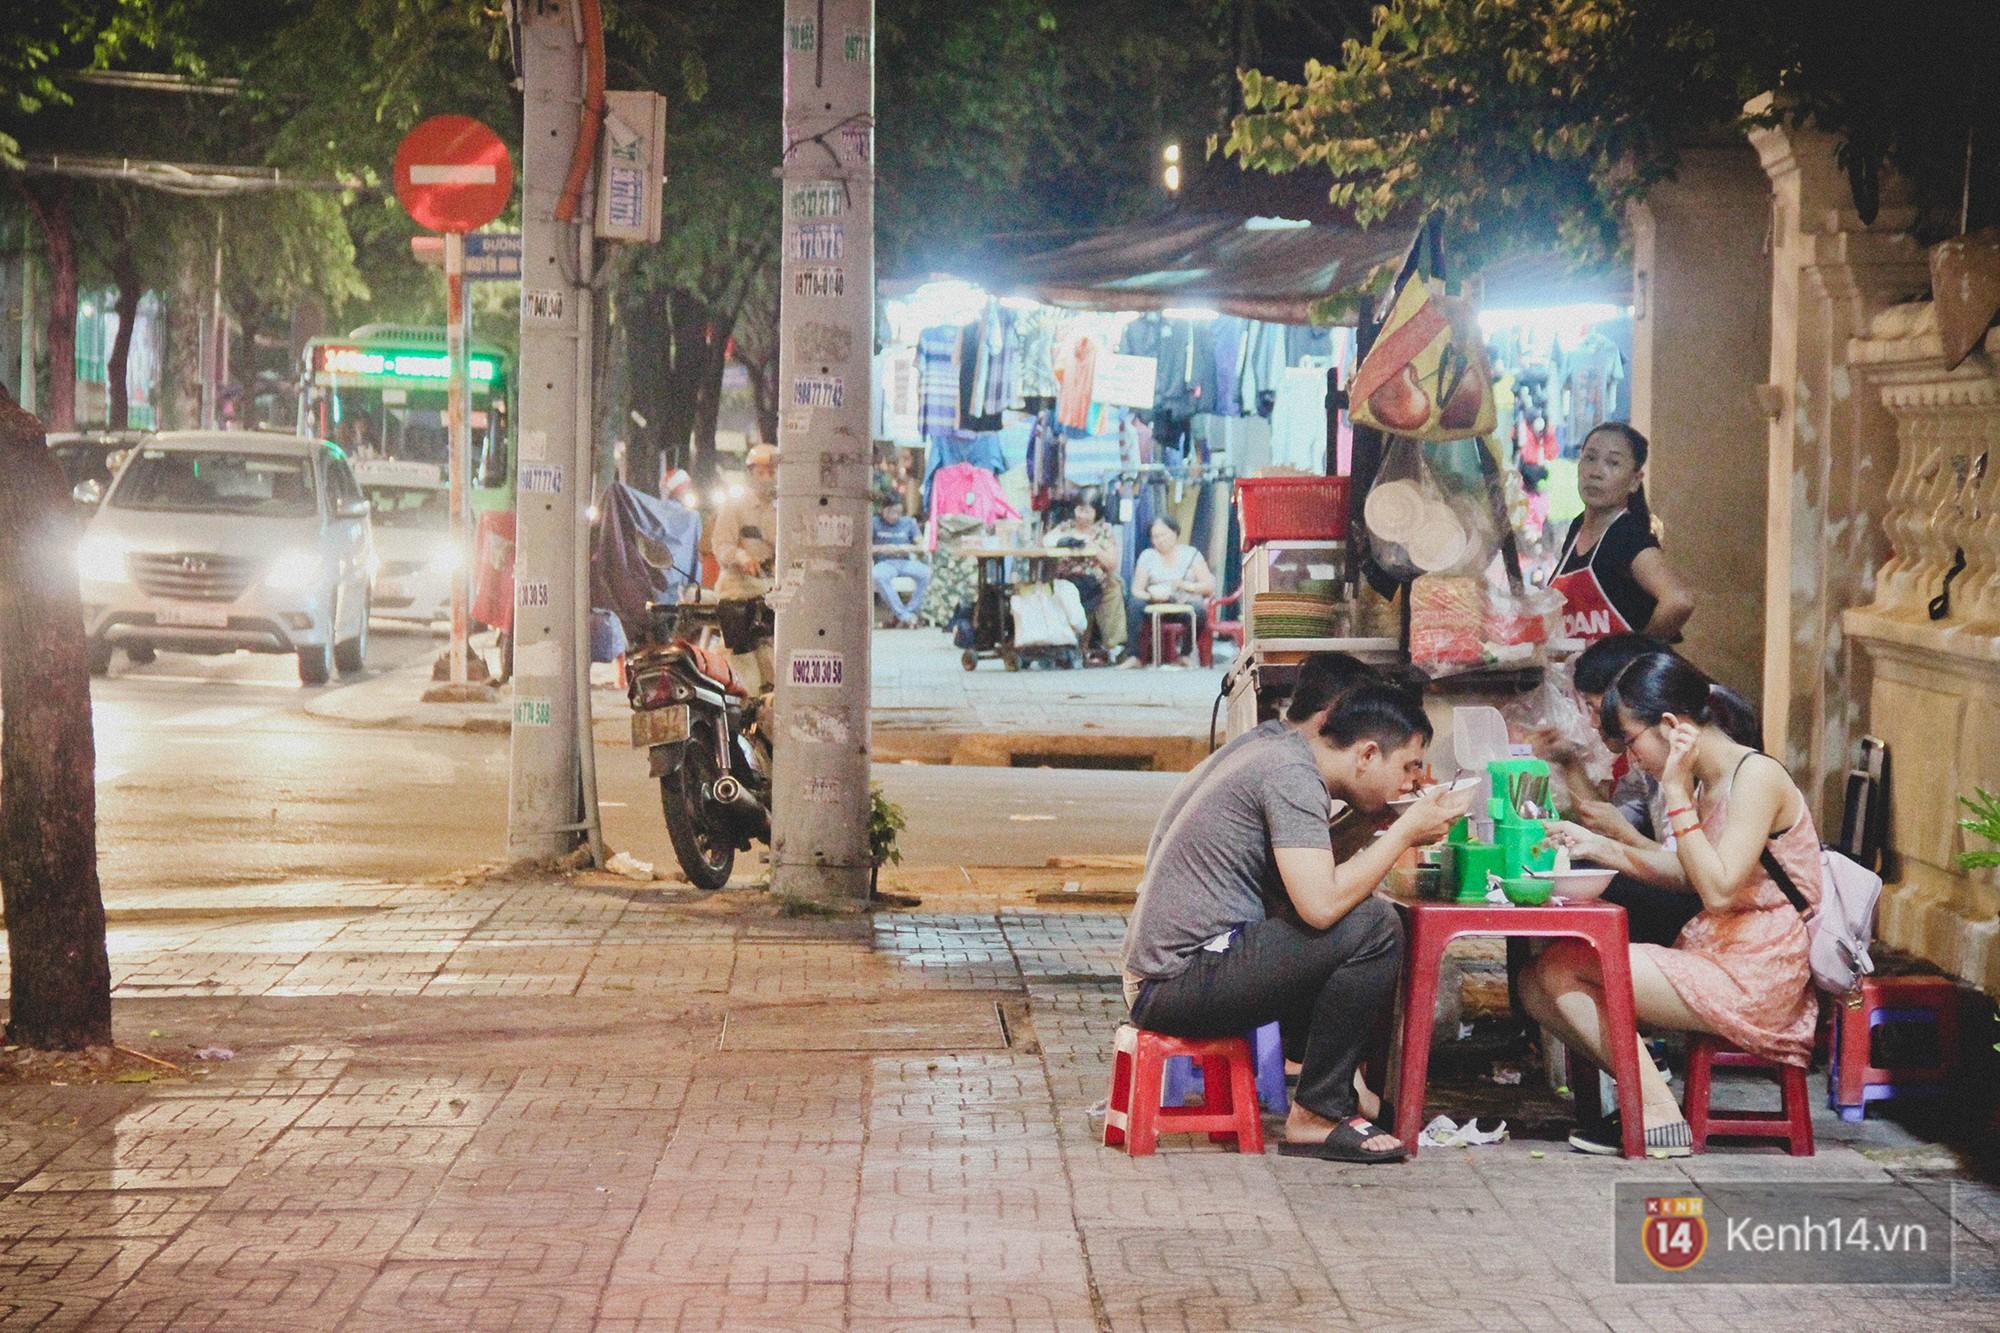 Hủ tiếu gõ: từ món ăn dành cho người nghèo đến một nét văn hoá đặc trưng của Sài Gòn hoa lệ - Ảnh 4.